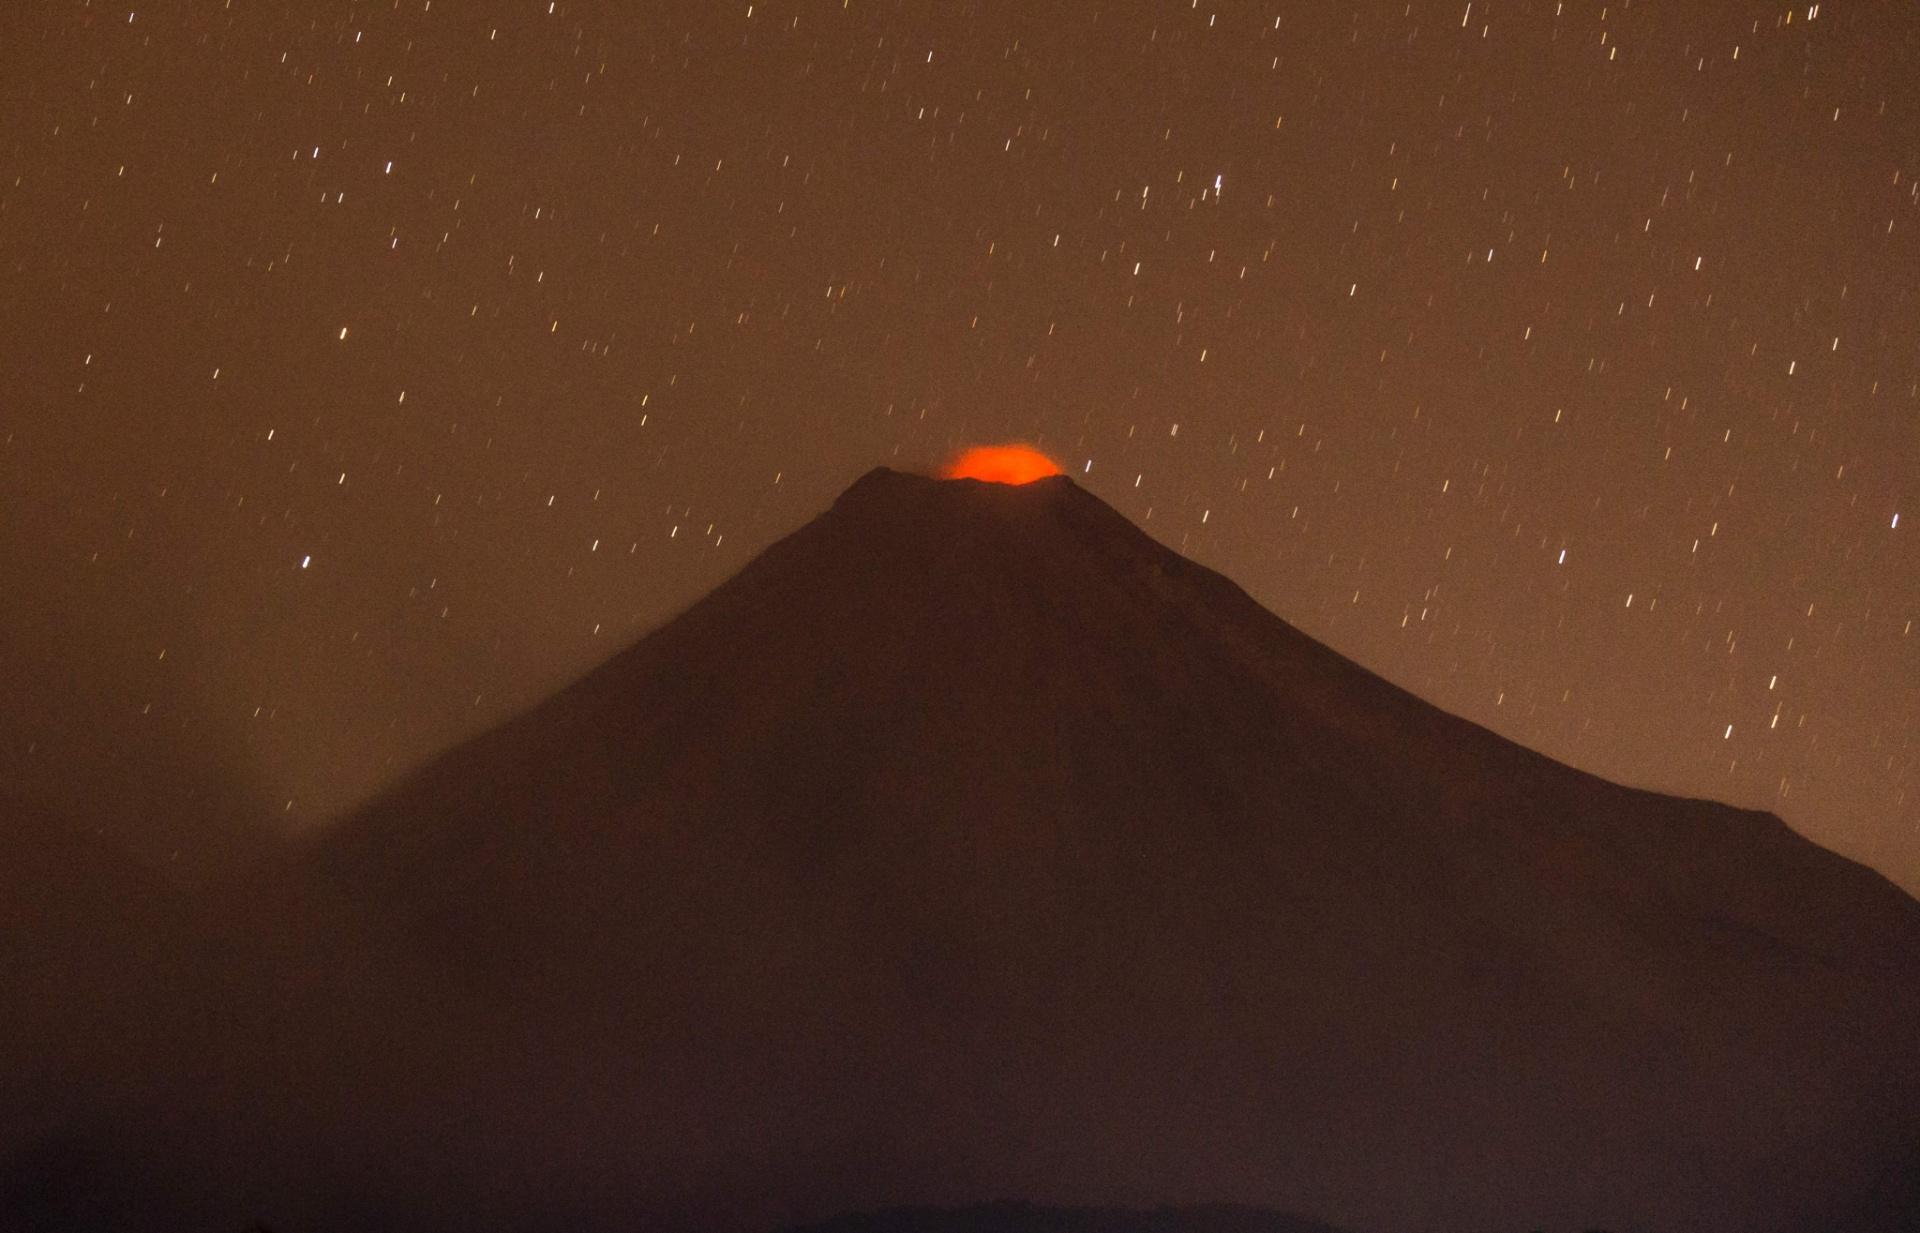 24.jan.2017 - Vulcão Colima, no México